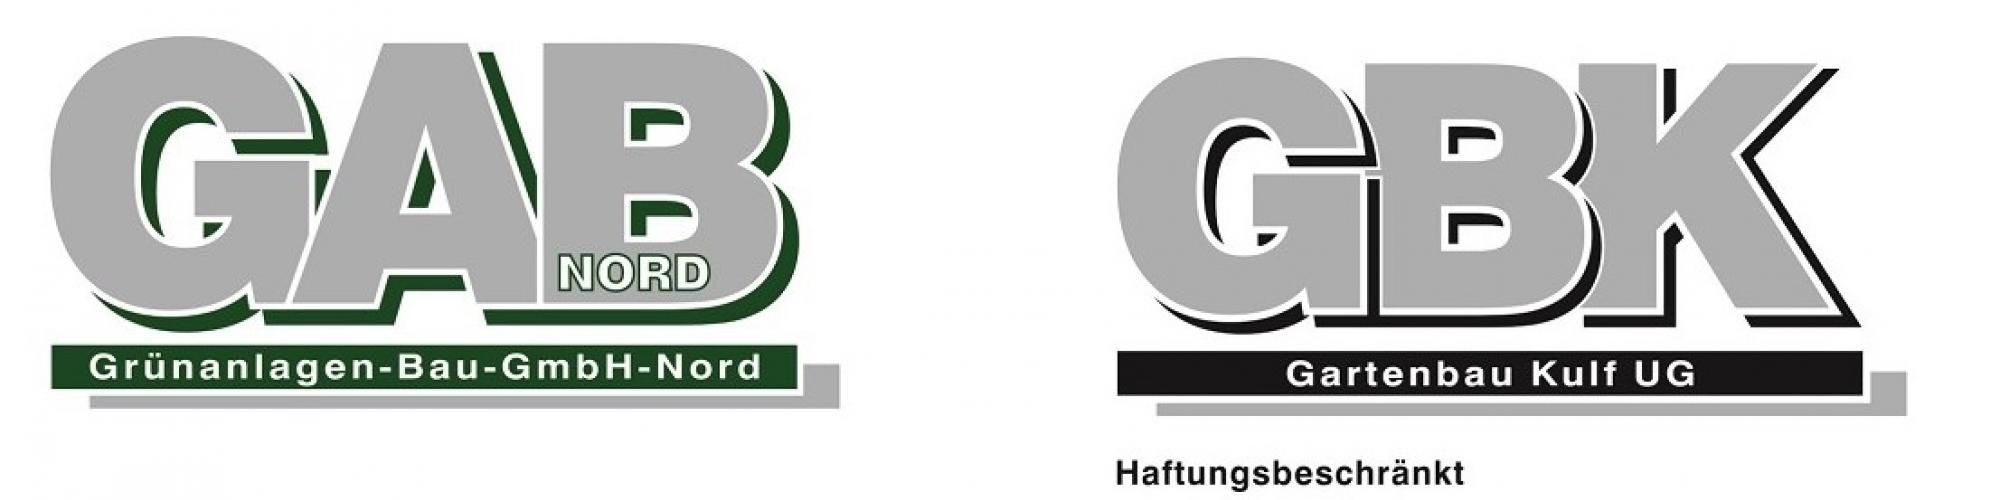 Grünanlagen-Bau-GmbH-Nord